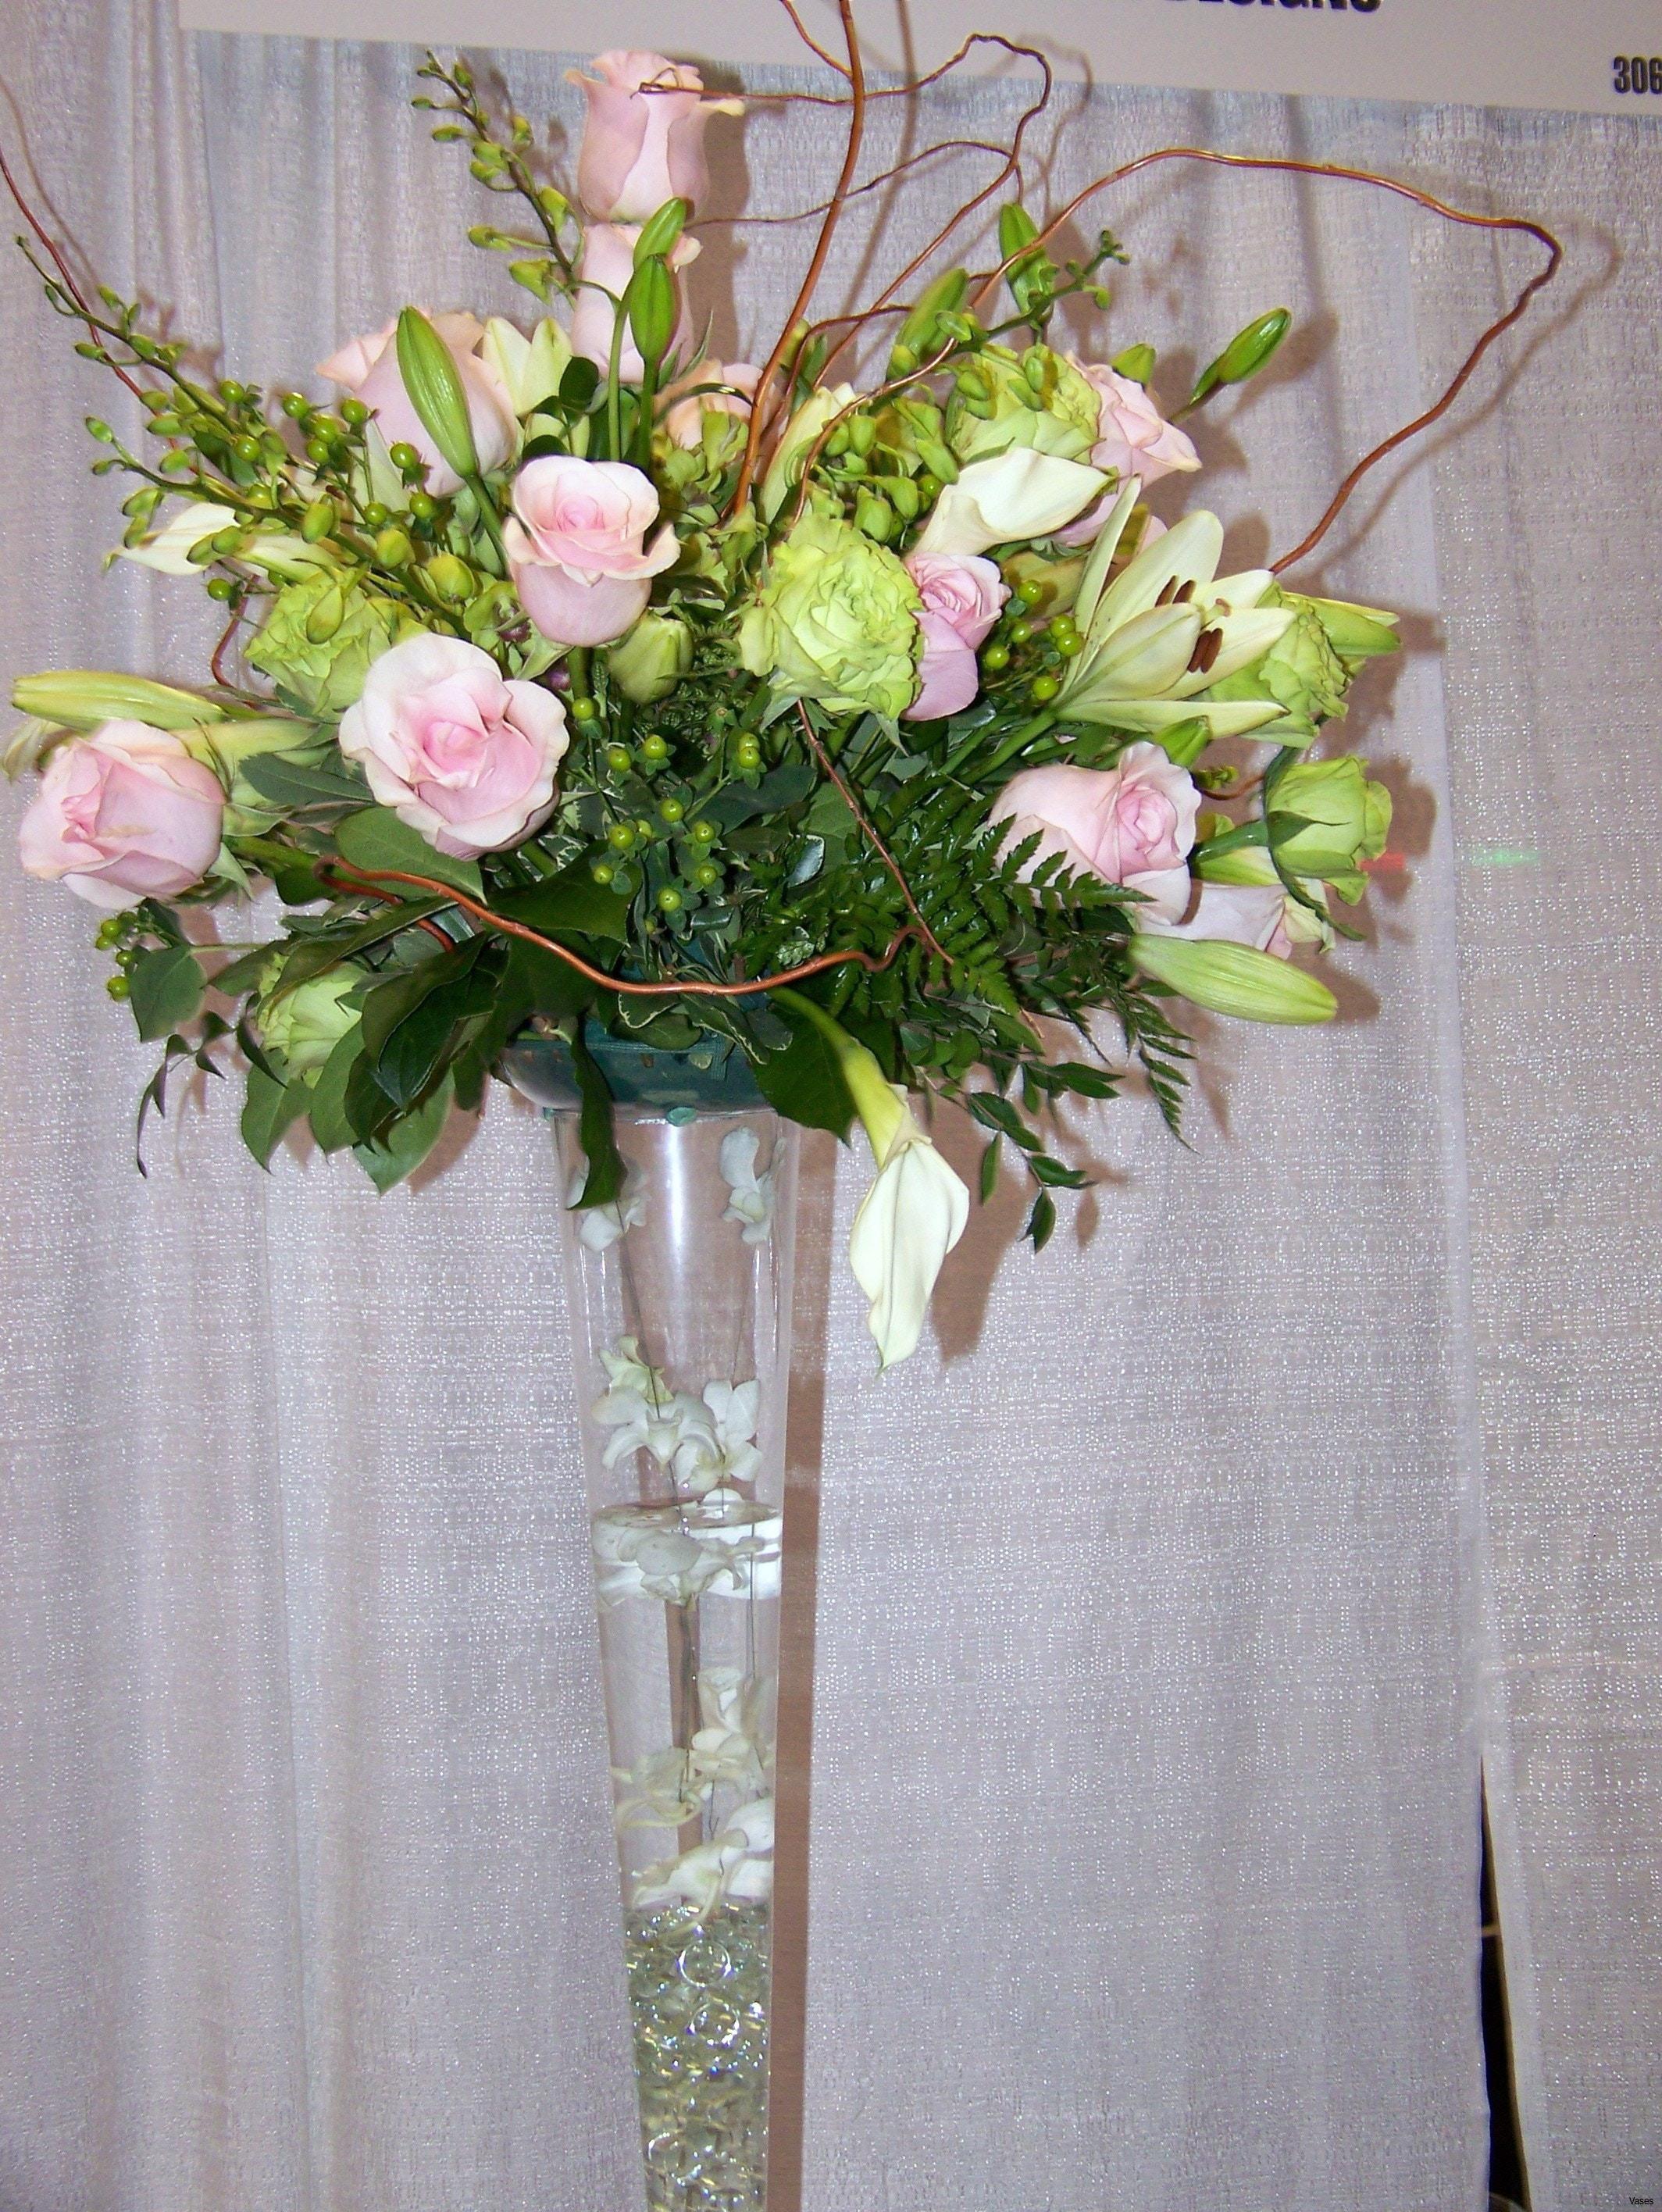 fenton rose vase of rose bowl vases images h vases ideas for floral arrangements in i 0d pertaining to rose bowl vases images h vases ideas for floral arrangements in i 0d design ideas desig